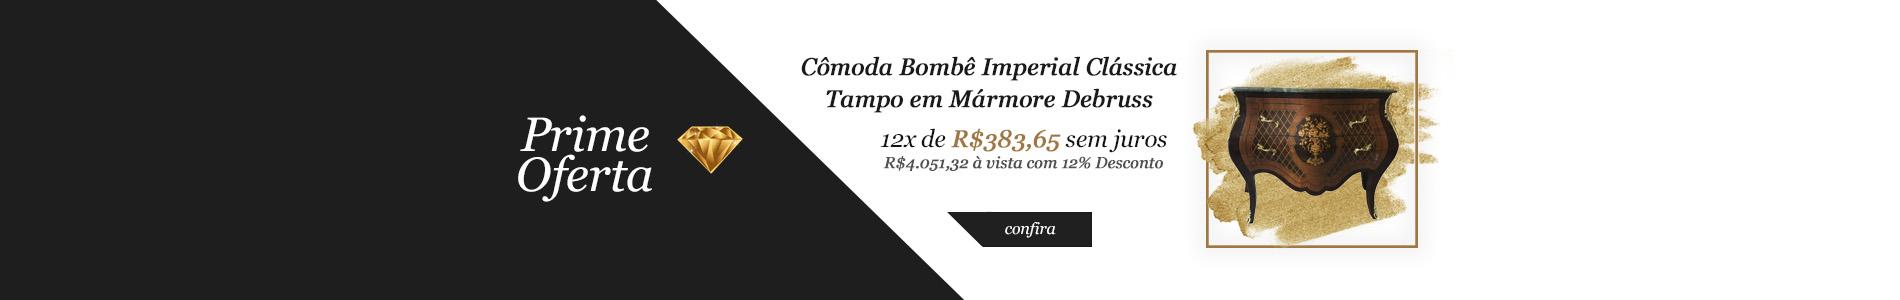 Prime Oferta - Cômoda Bombê Imperial Clássica com Tampo de Mármore Debruss